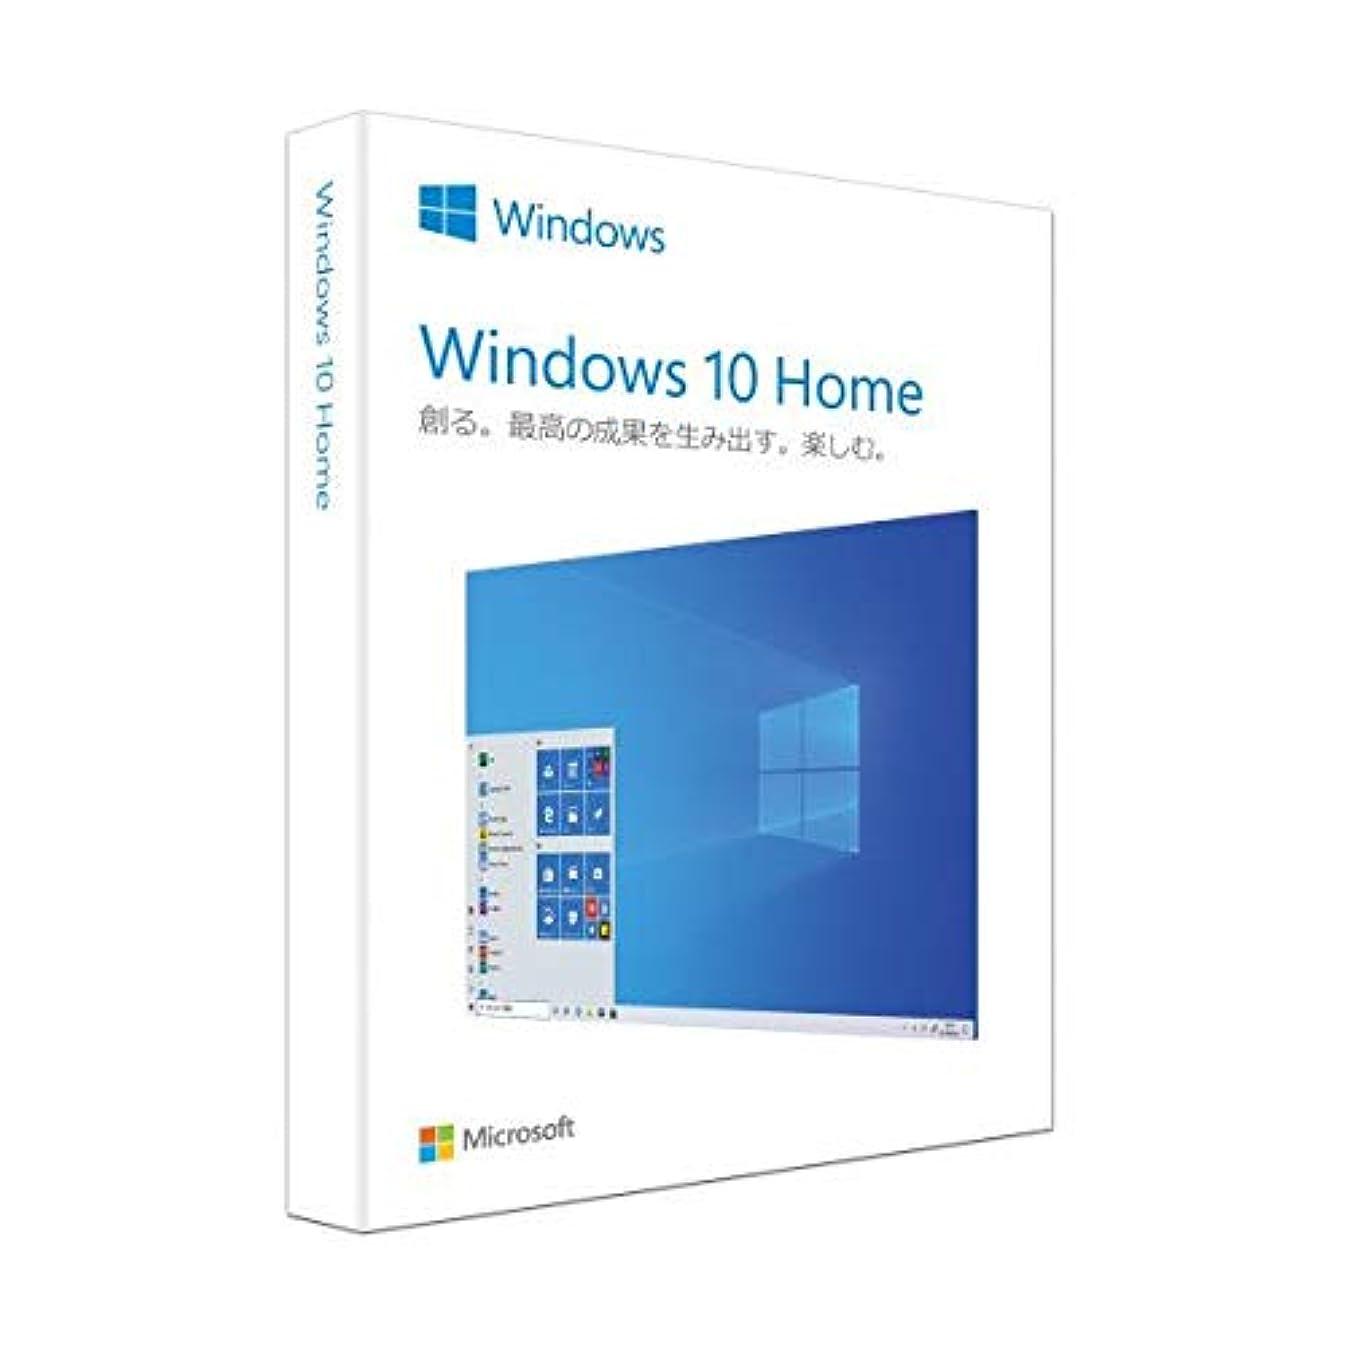 エイリアスソーシャル曲線【新パッケージ】Windows 10 Home 日本語版/May 2019 Update適用/パッケージ版